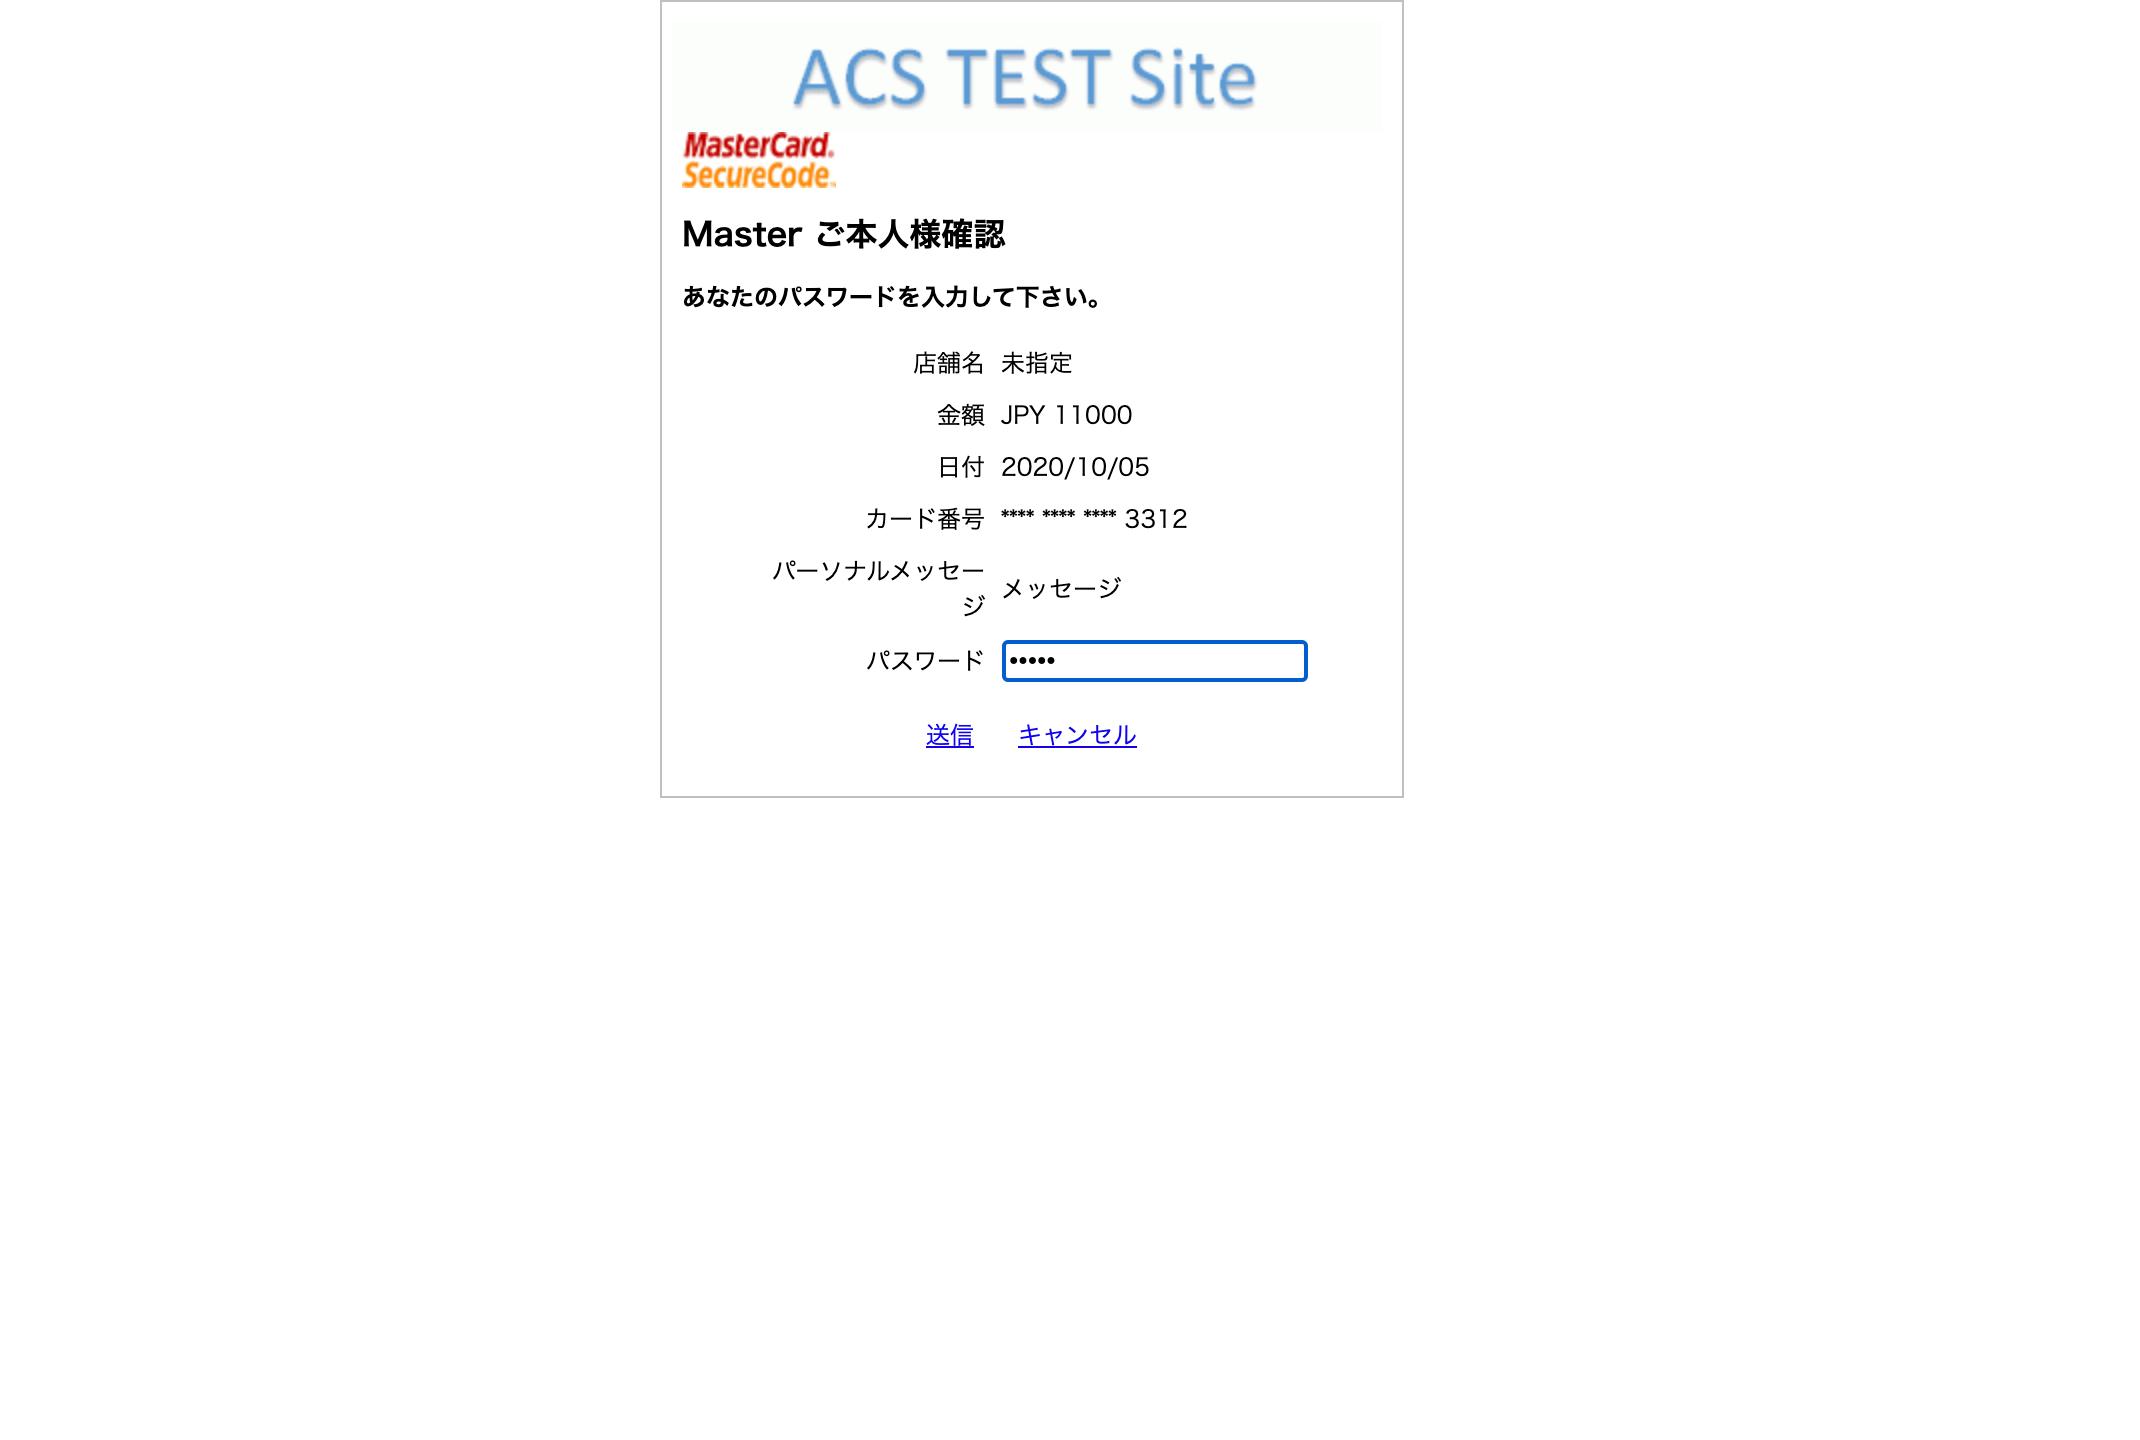 スクリーンショット 2020-10-06 8.06.41.png